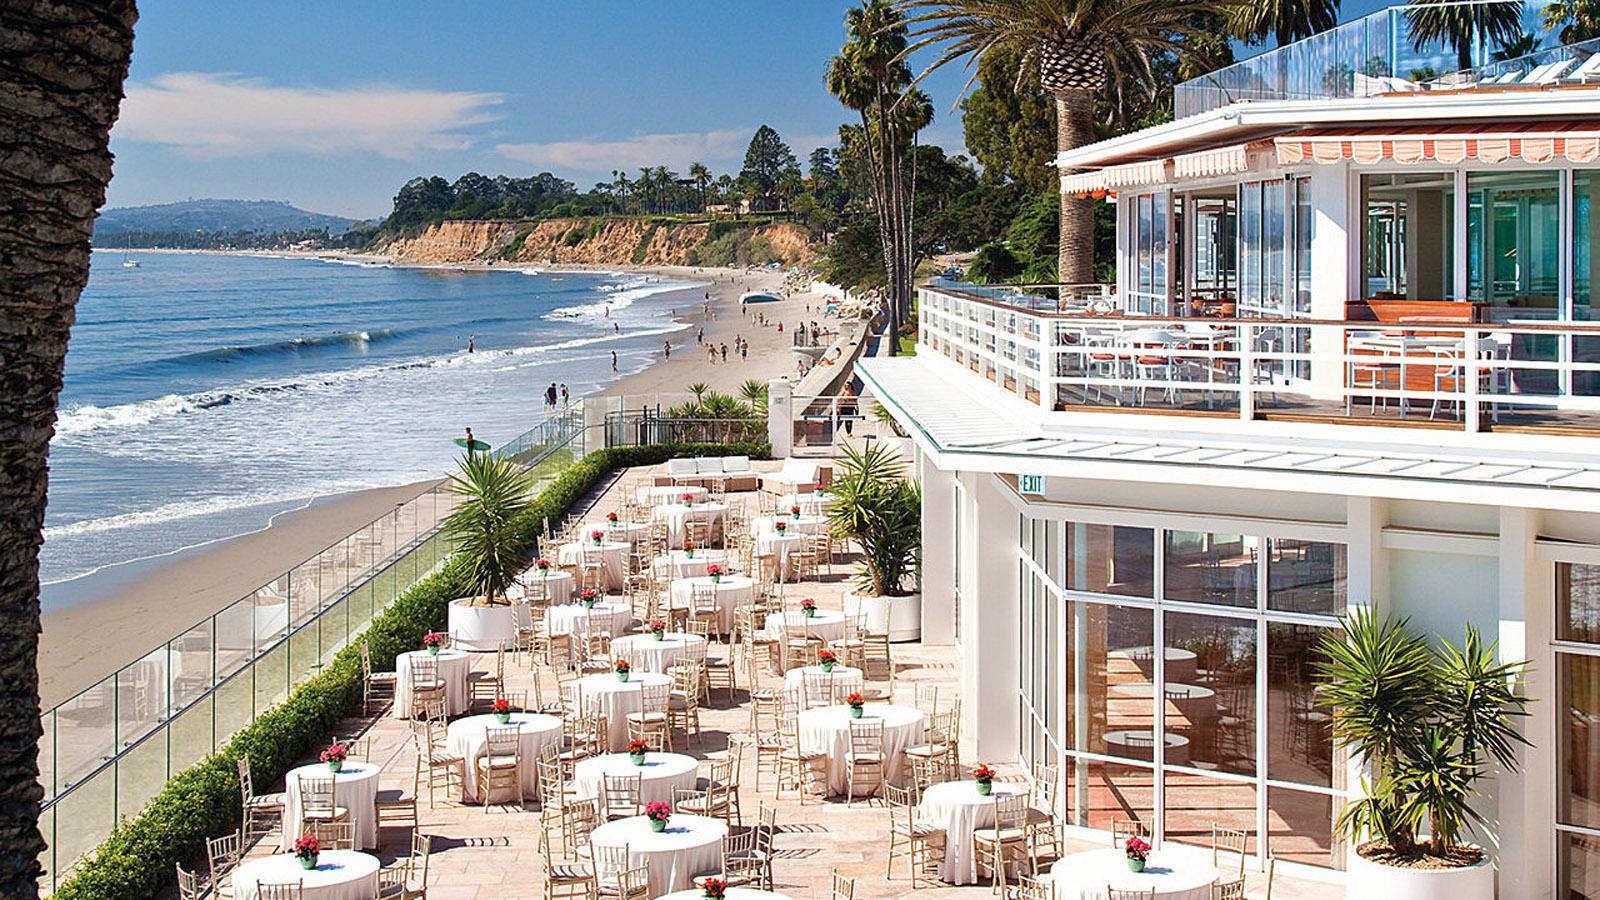 Dream Wedding Venues In Santa Barbara Four Seasons Resort The Biltmore